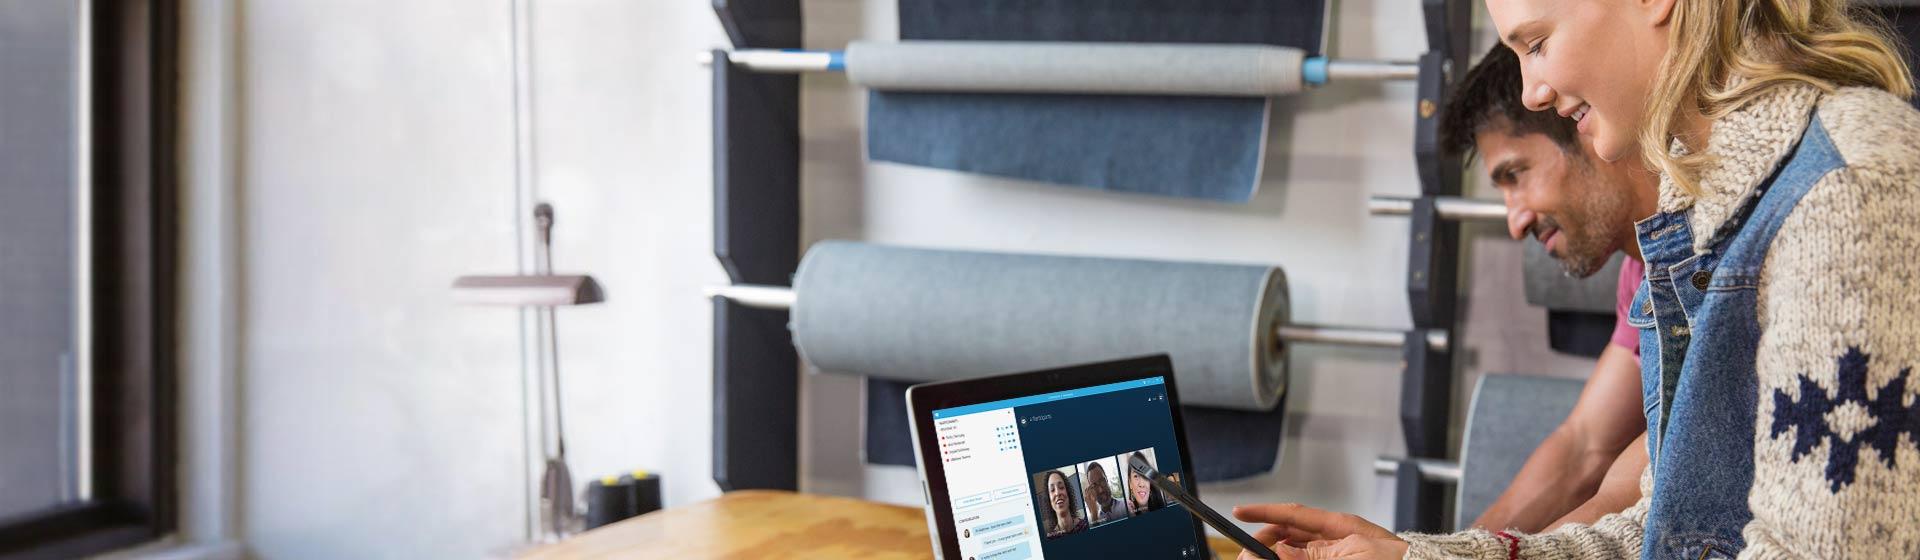 Ženska in moški v tabličnem računalniku uporabljata srečanja v Skypu, pri tem pa ženska drži telefon